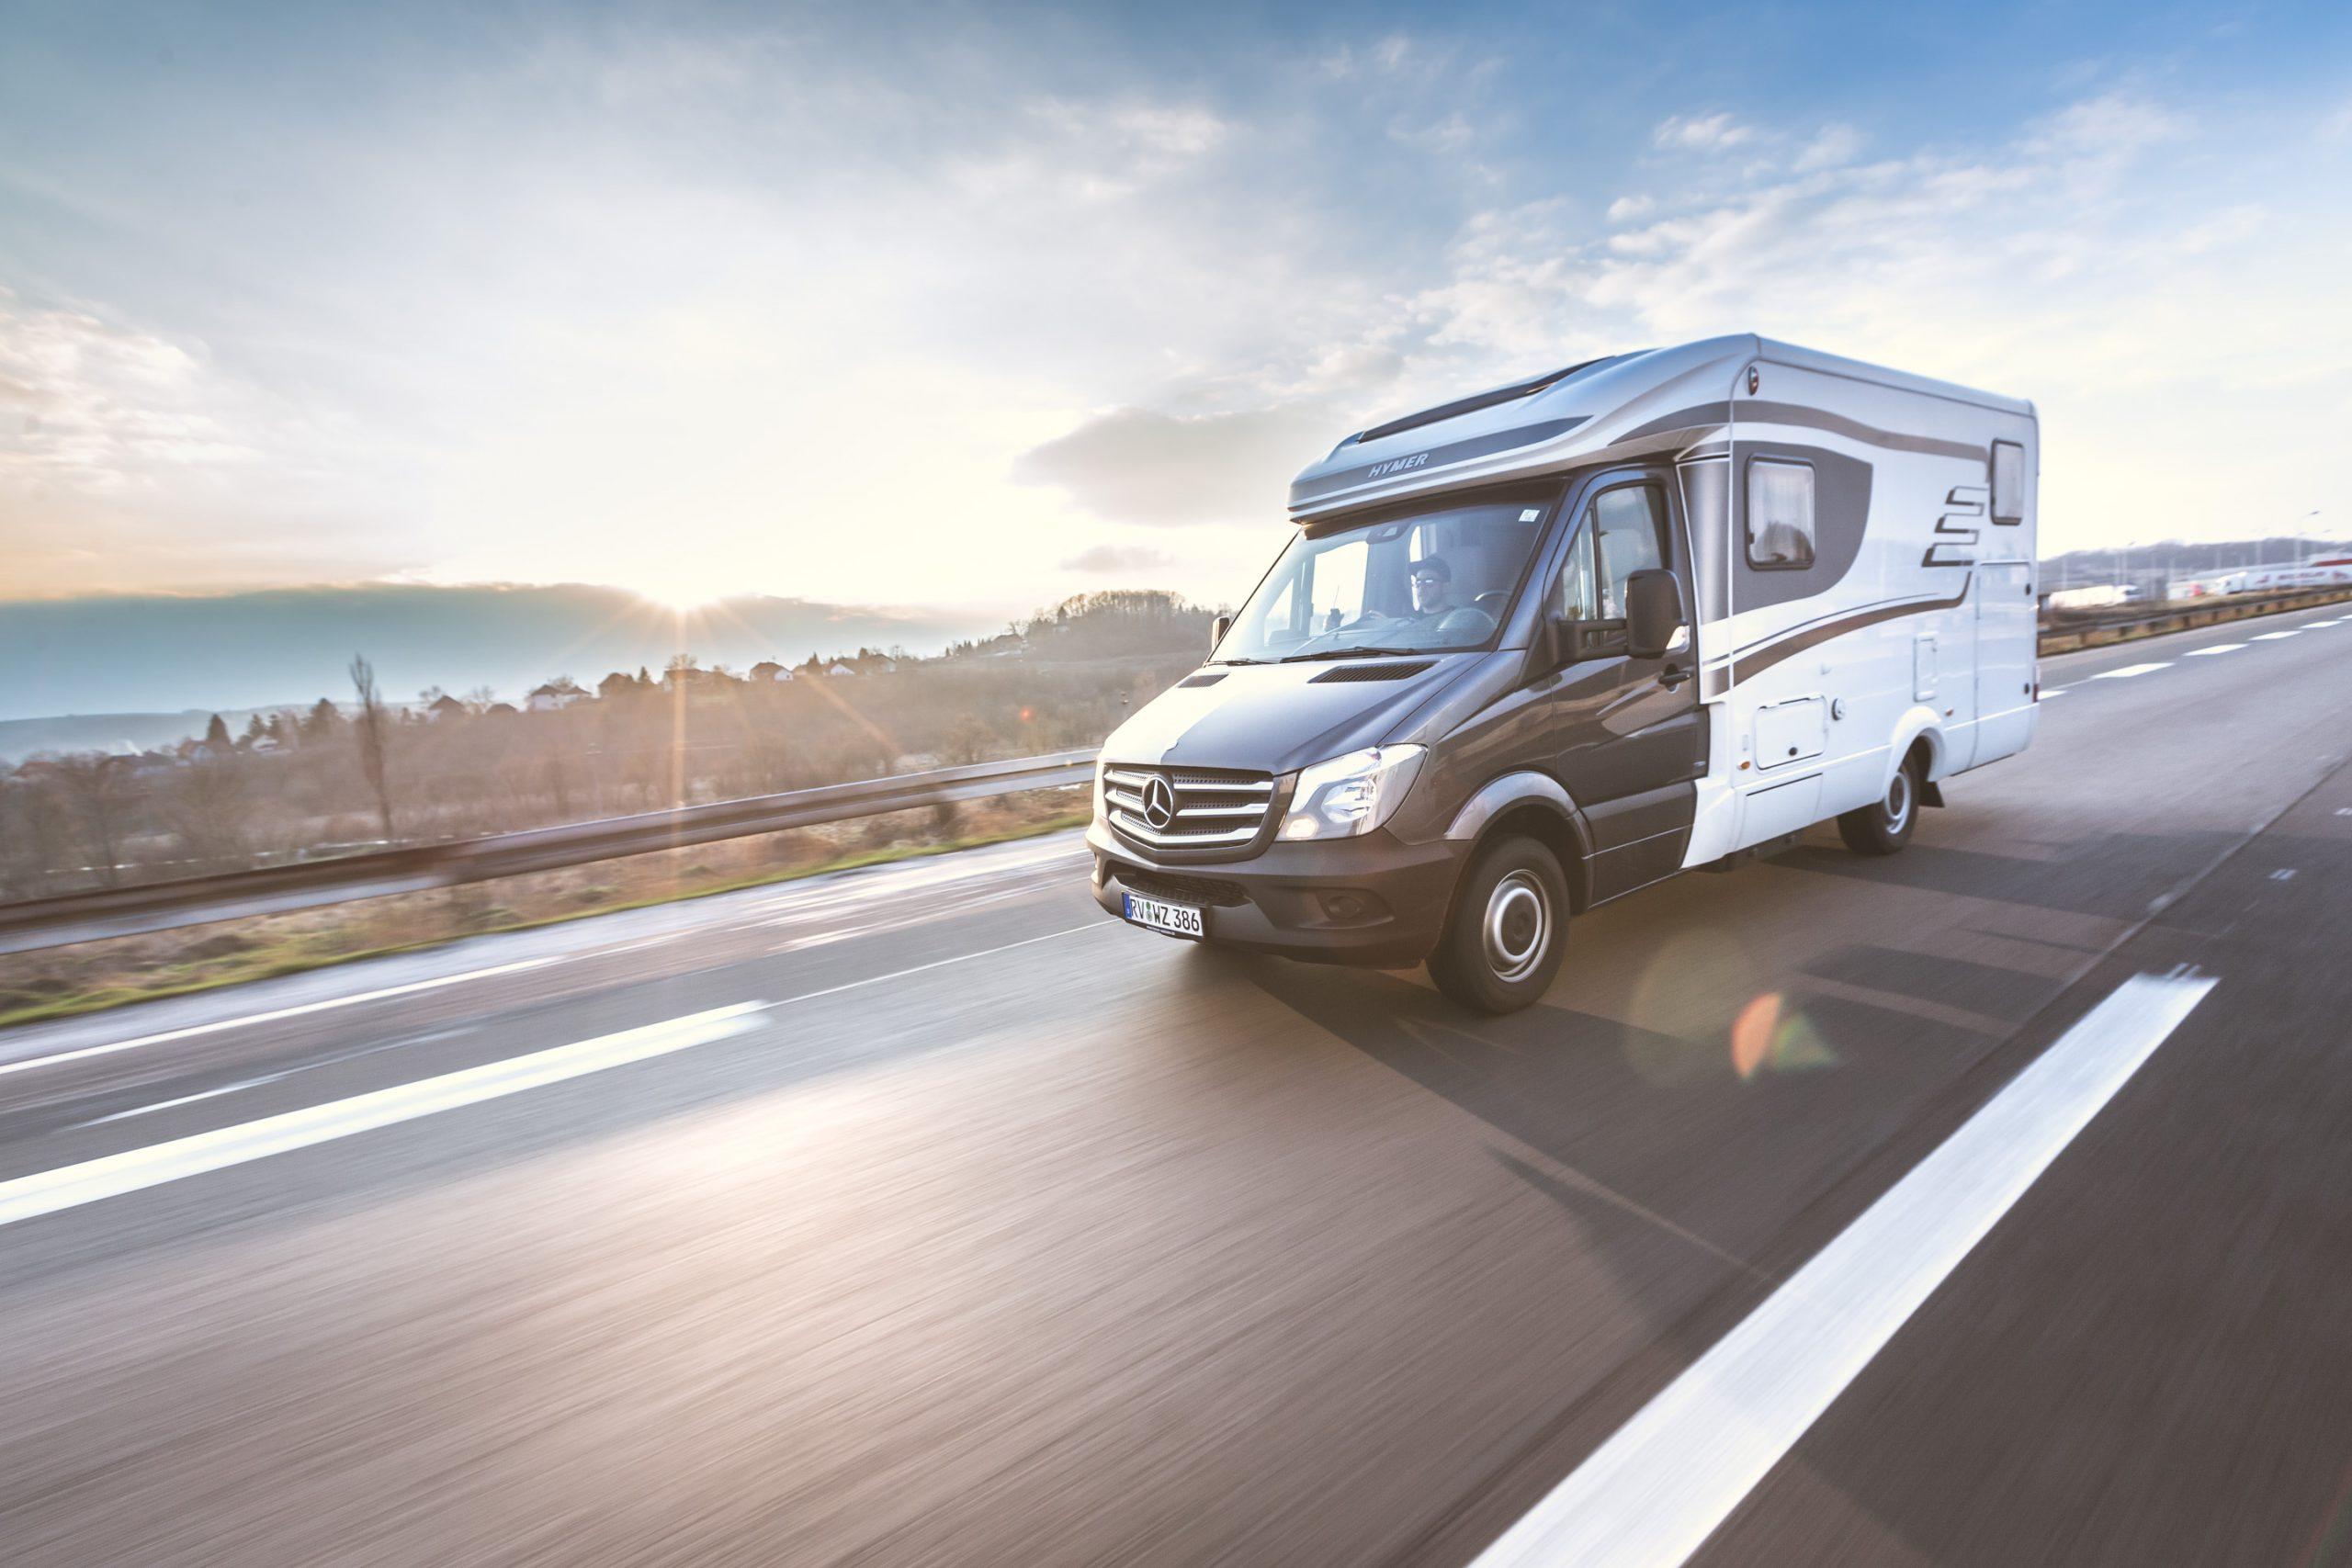 Hymer Mercedes Sprinter Wohnmobil auf der Autobahn bei Sonnenuntergang mit Motion Blur